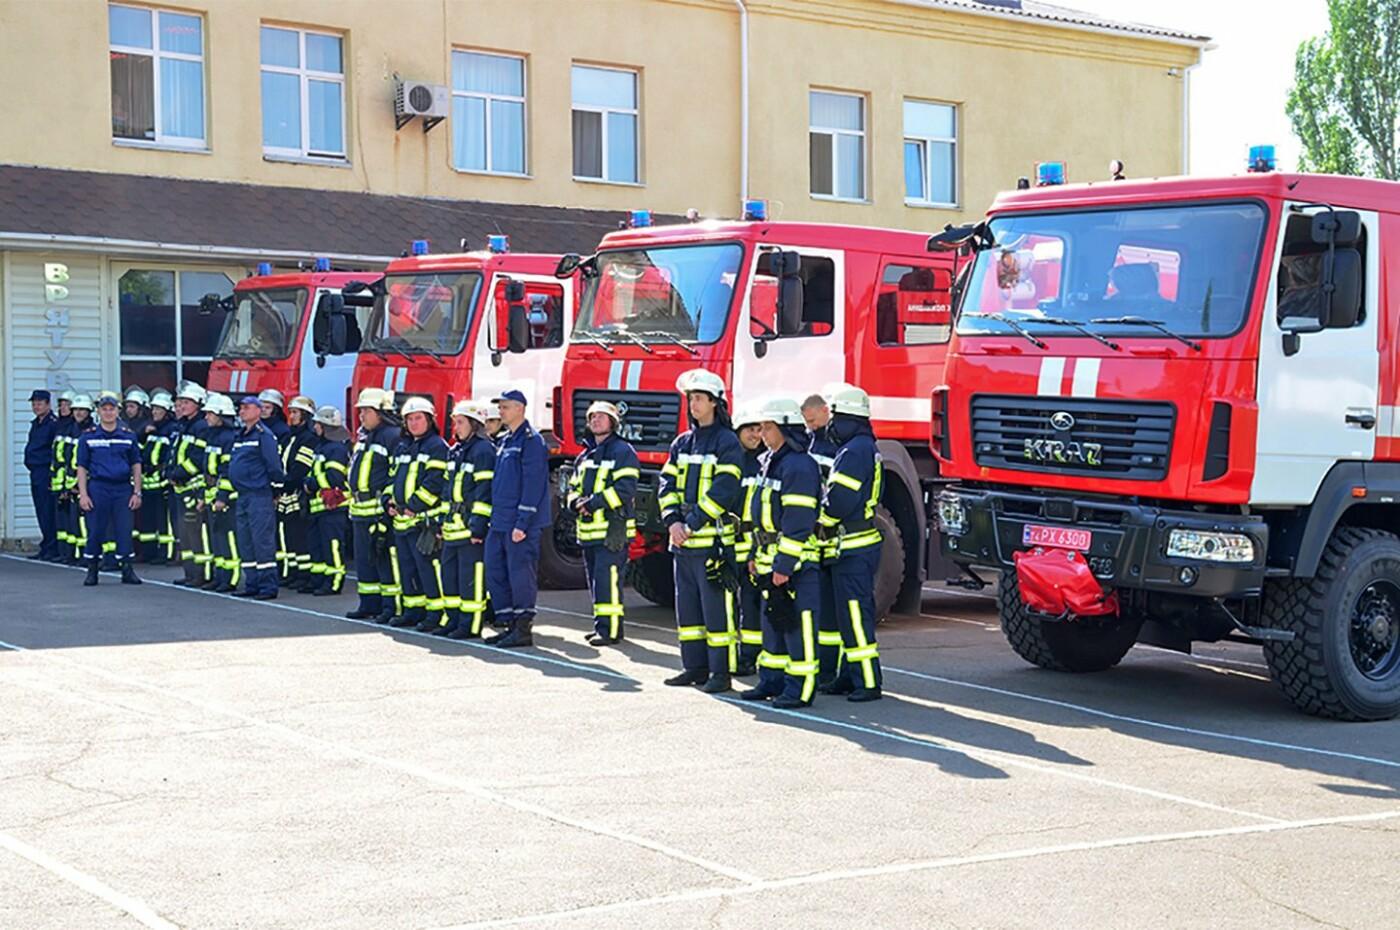 пожежні автмообілі